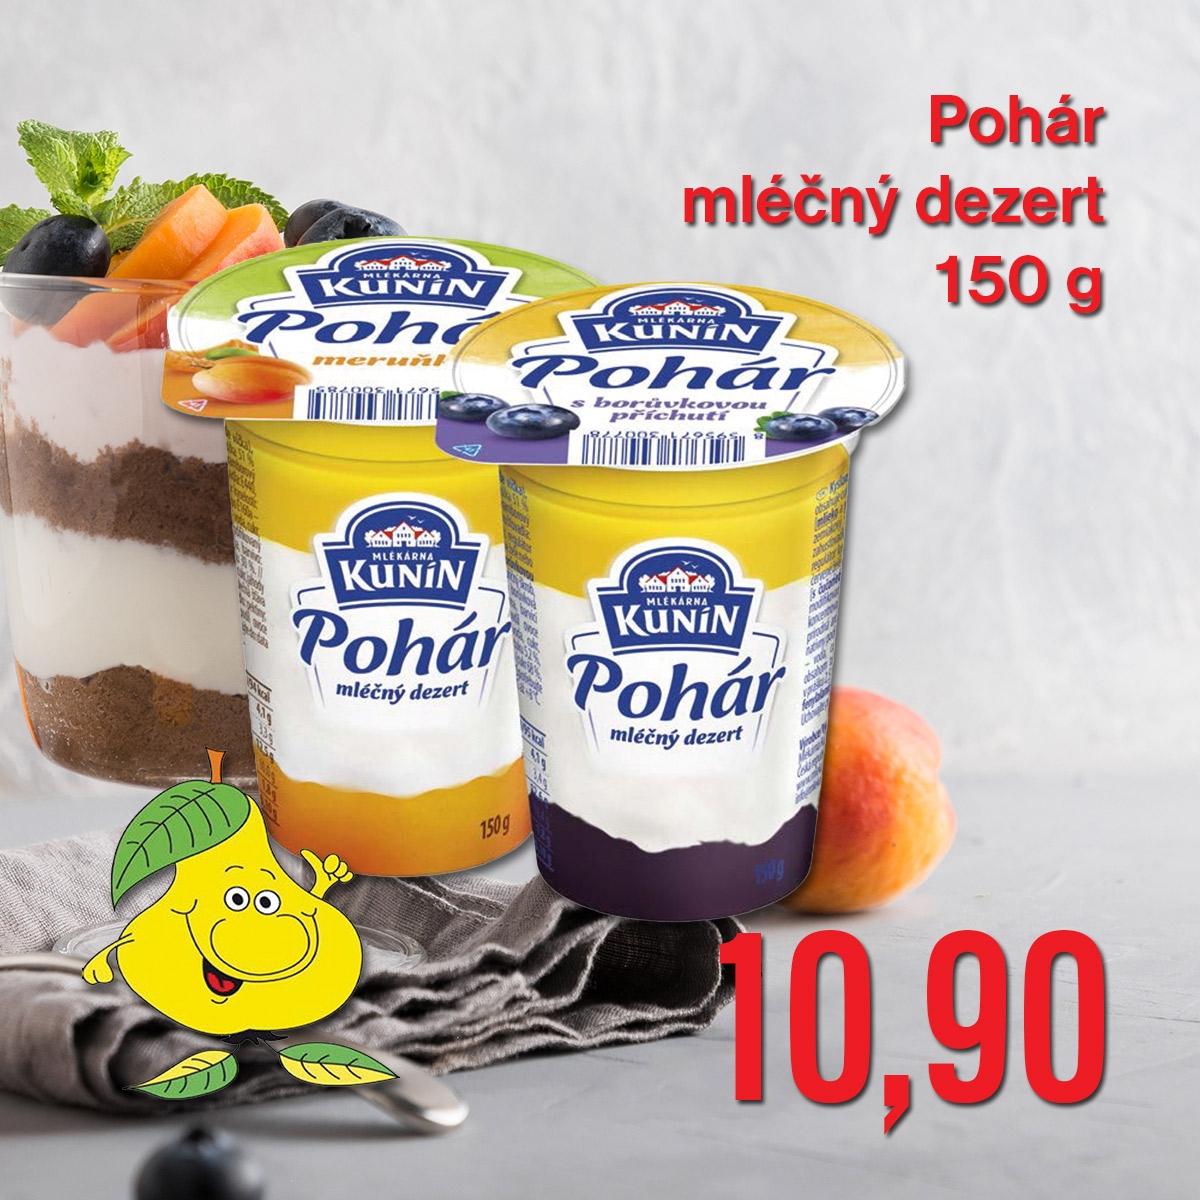 Pohár mléčný dezert 150 g